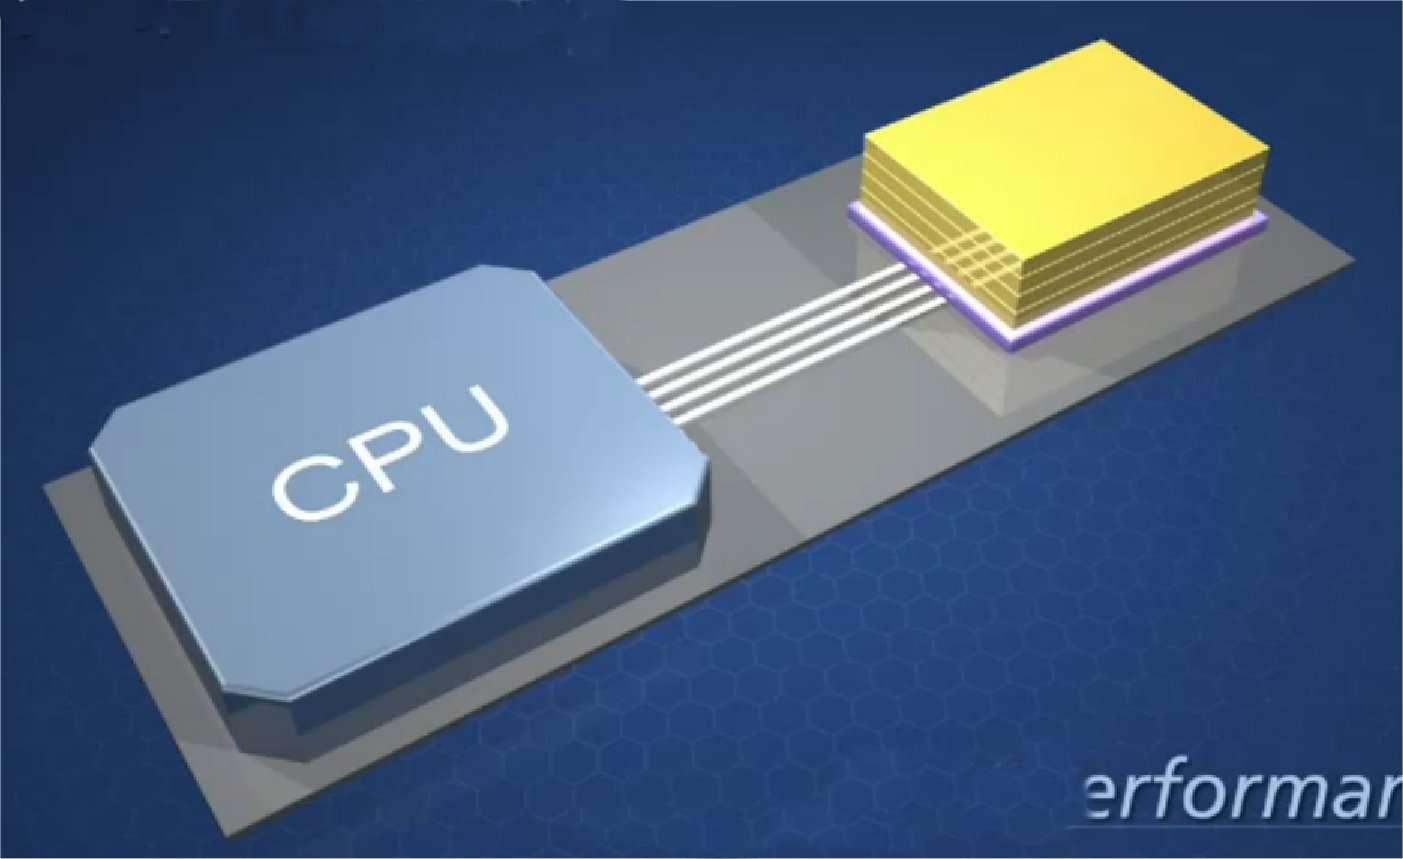 Une mémoire HMC simplifierait le montage et réduirait l'encombrement (occupant un dixième de la surface d'une barrette RDimm actuelle). La puce mémoire (à droite) peut être installée très près du processeur (CPU), et le circuit de contrôle est intégré à la puce HMC. © Micron